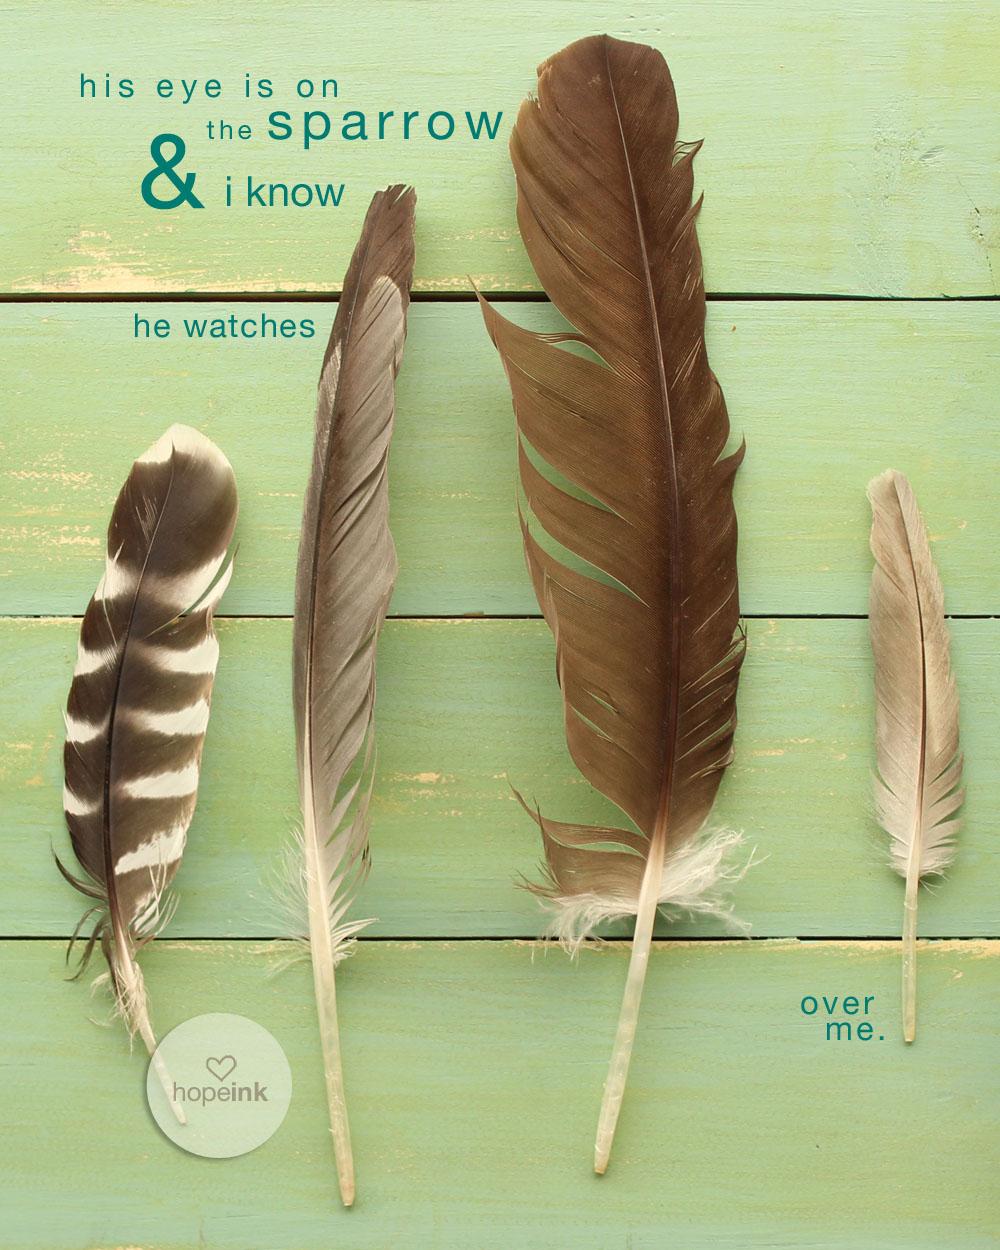 Feathers_Sparrow_Teal_hopeink.jpg